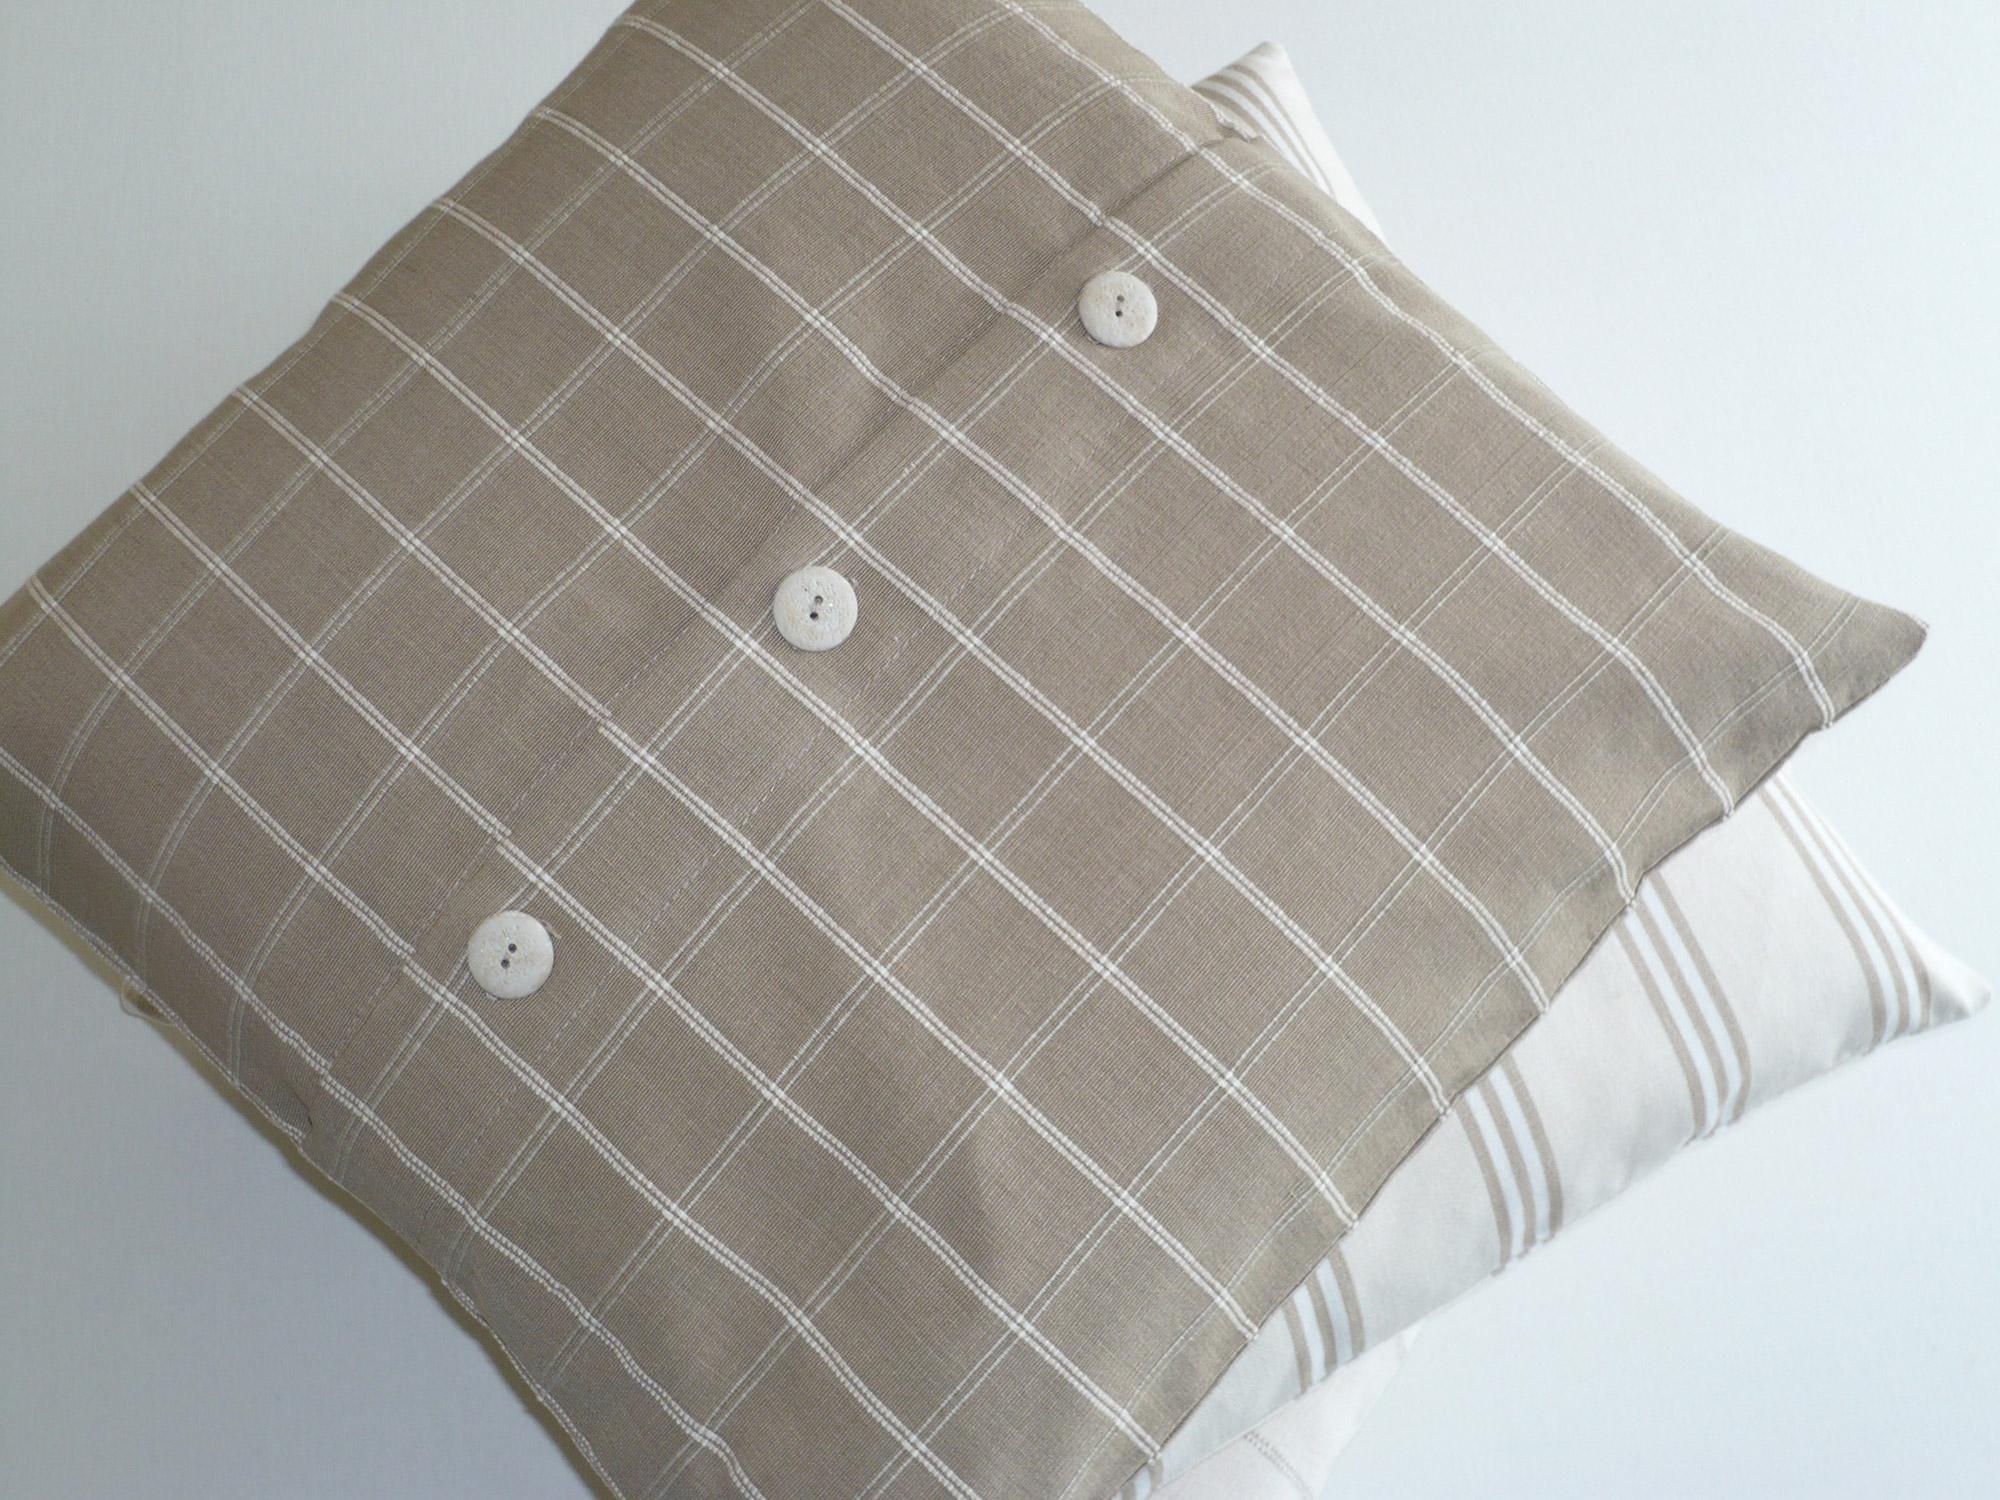 Home accessories - Cheltenham - Myrtle Designs